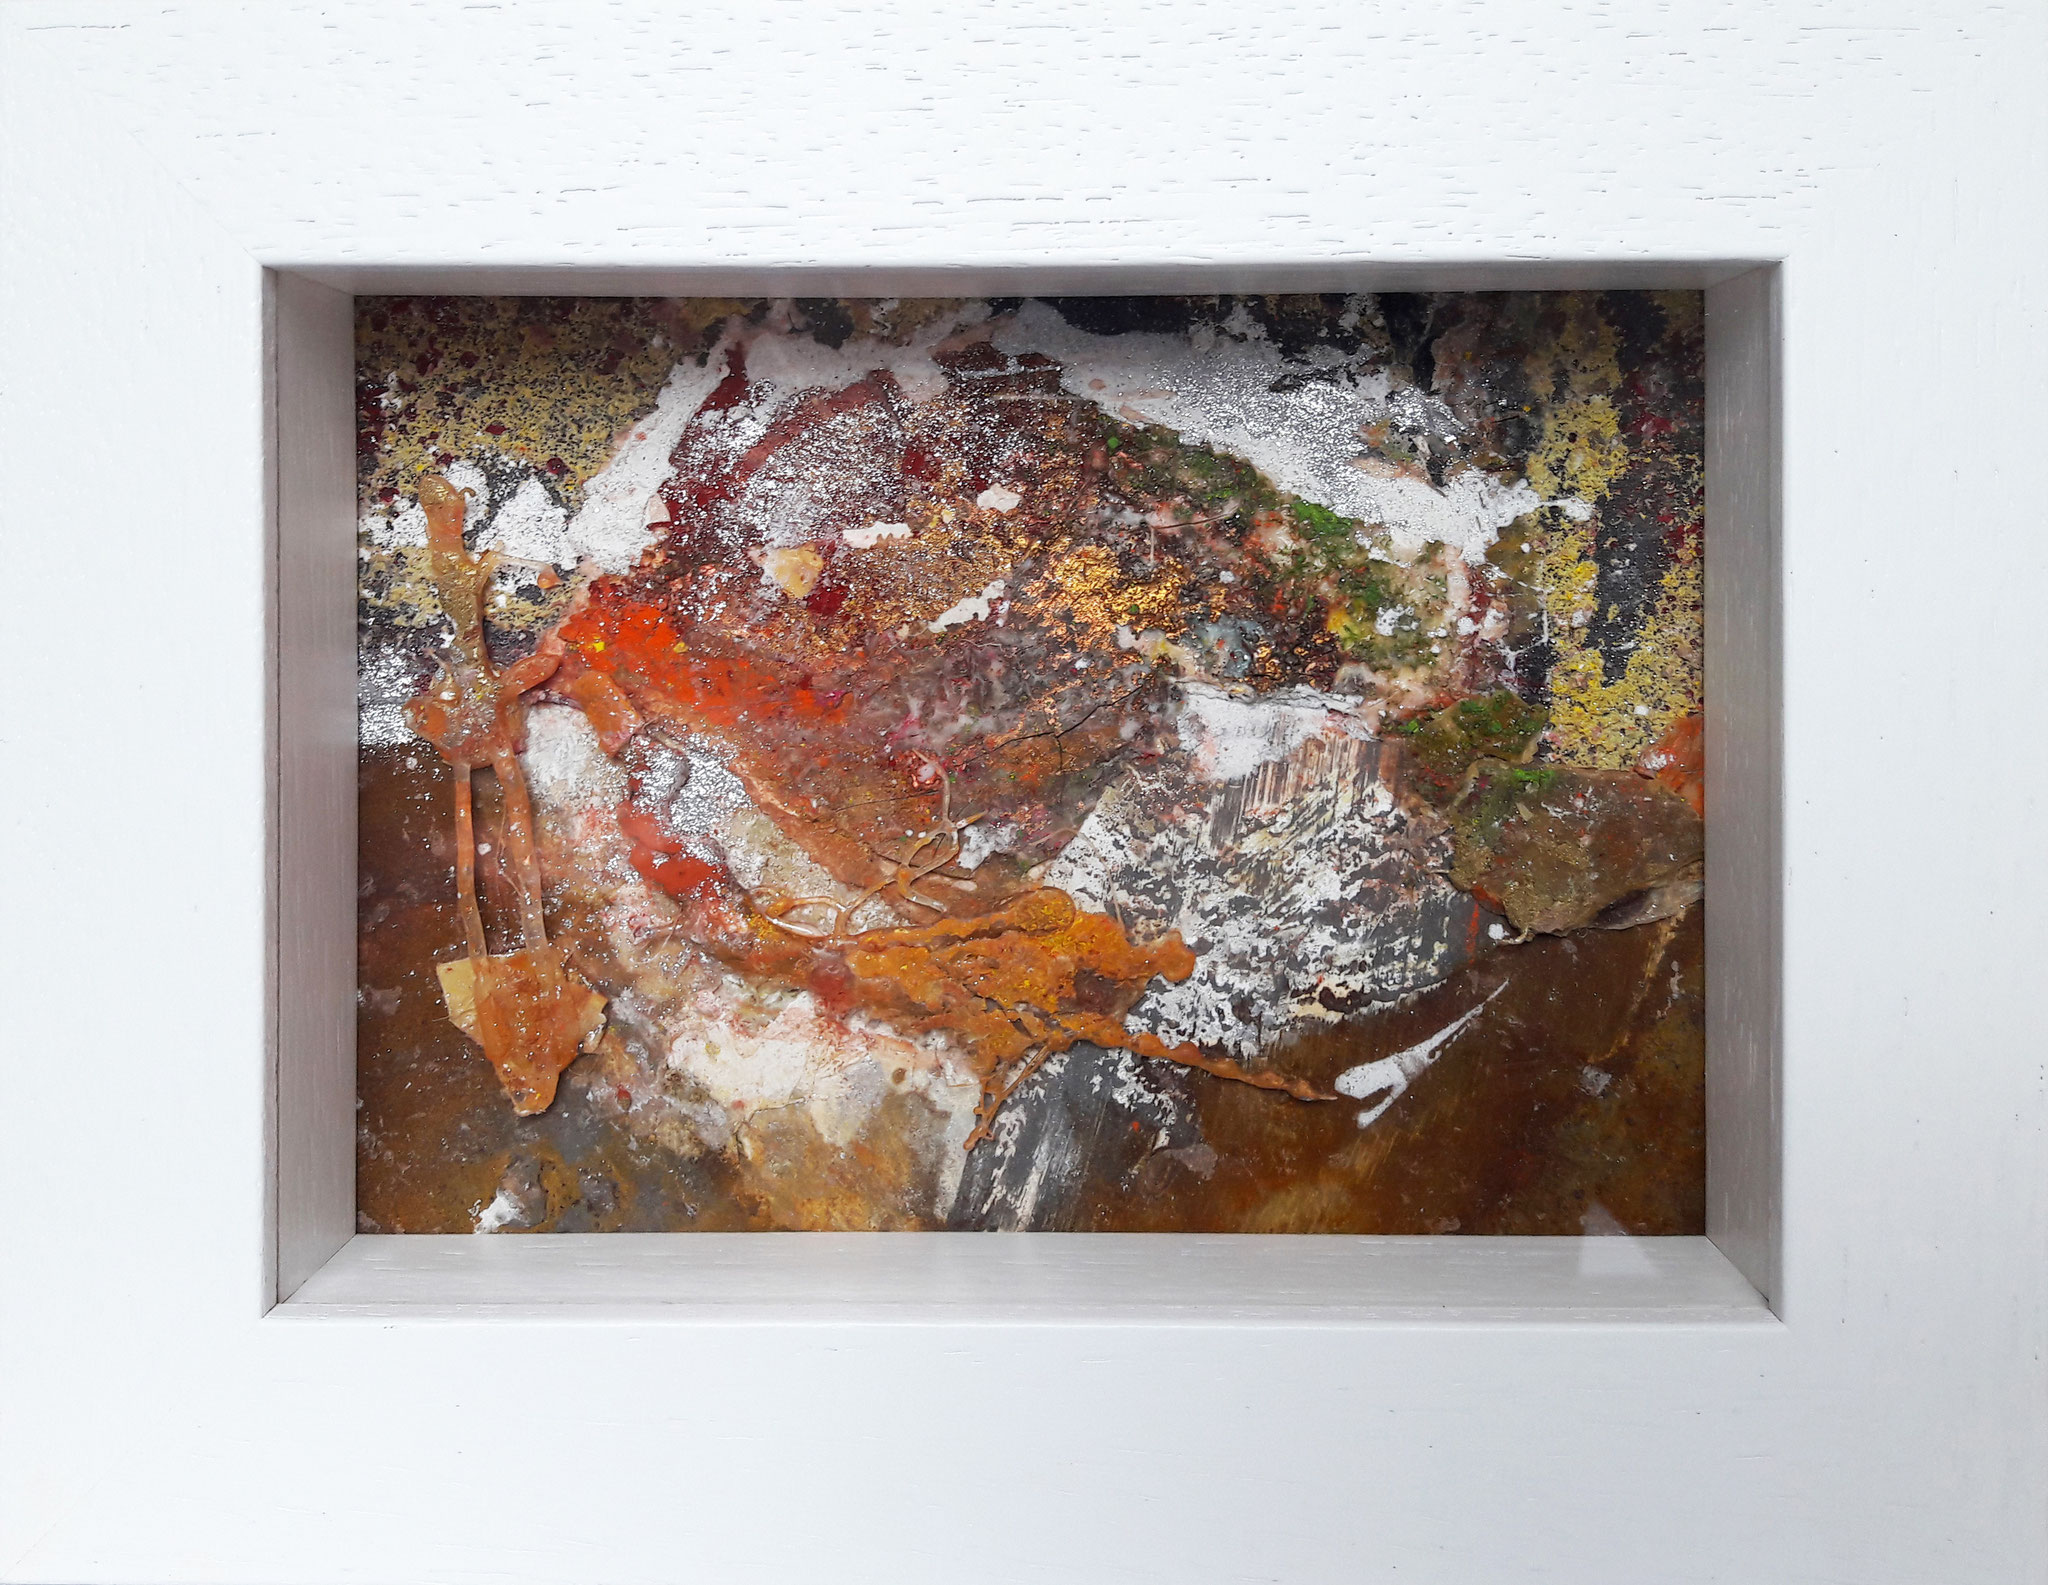 Hahn im Korb, Acrylmischtechnik, 23 x 18 mit Rahmen, 2017, verkauft